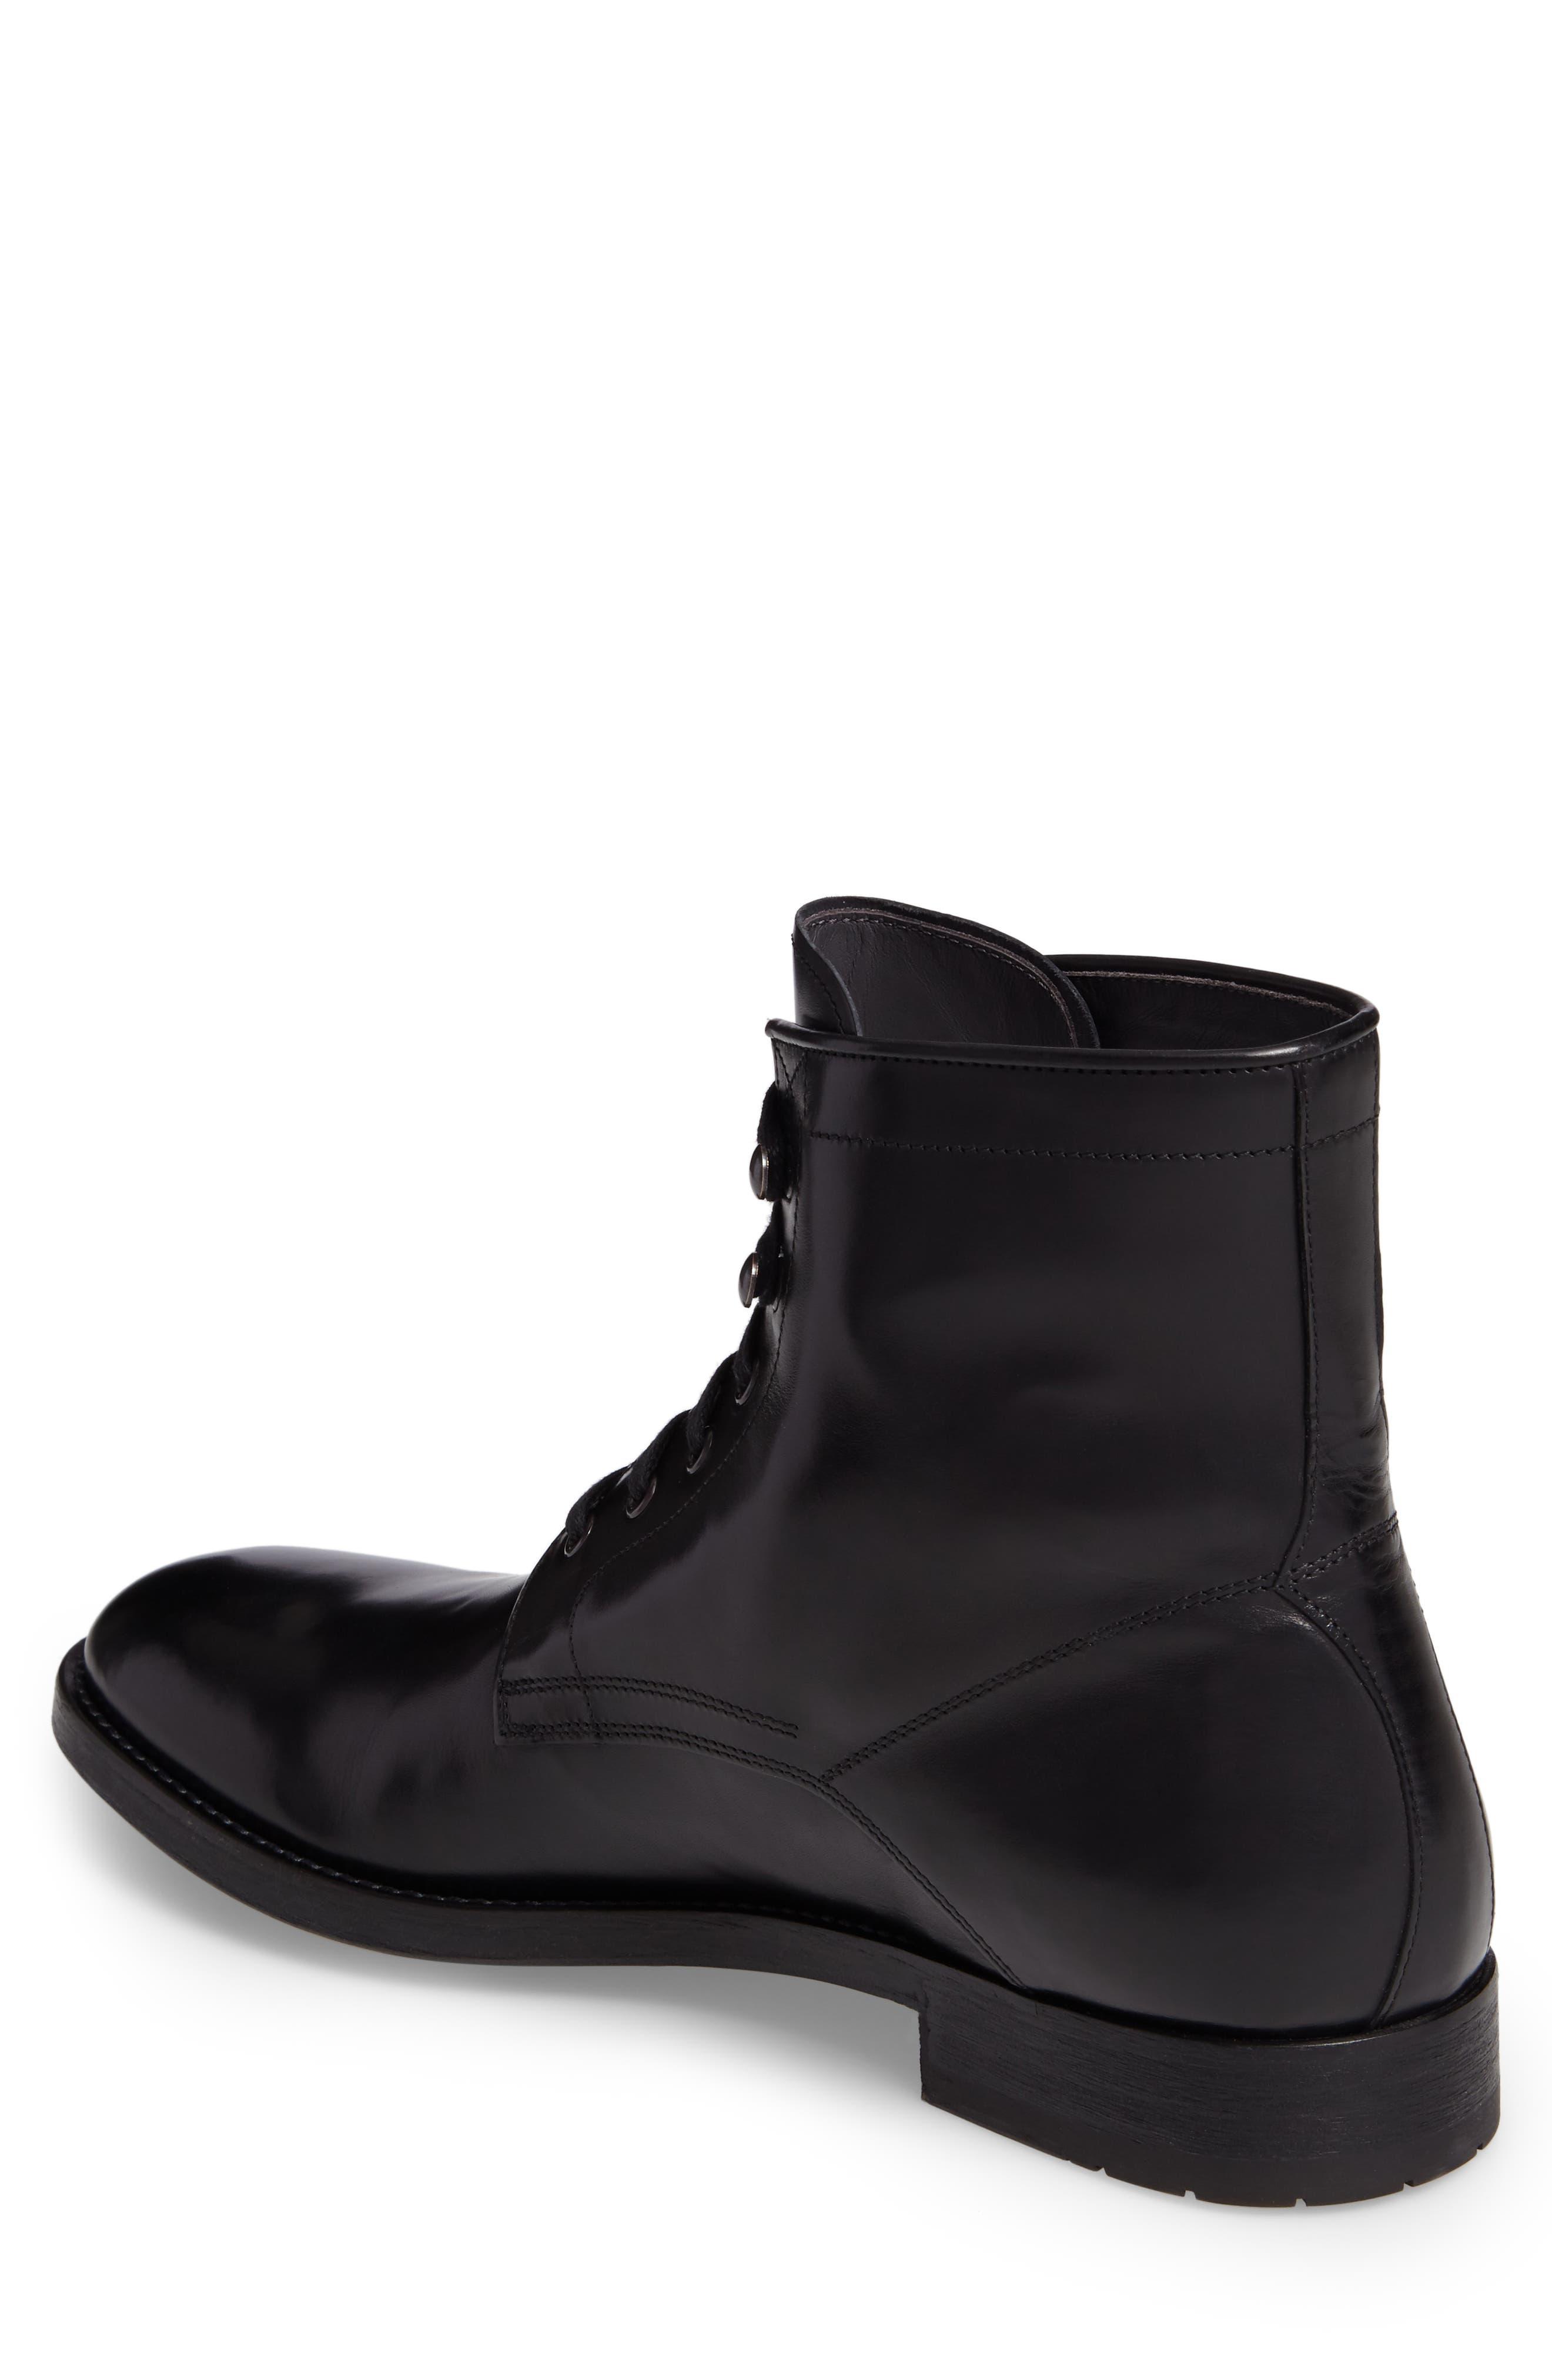 Astoria Plain Toe Boot,                             Alternate thumbnail 5, color,